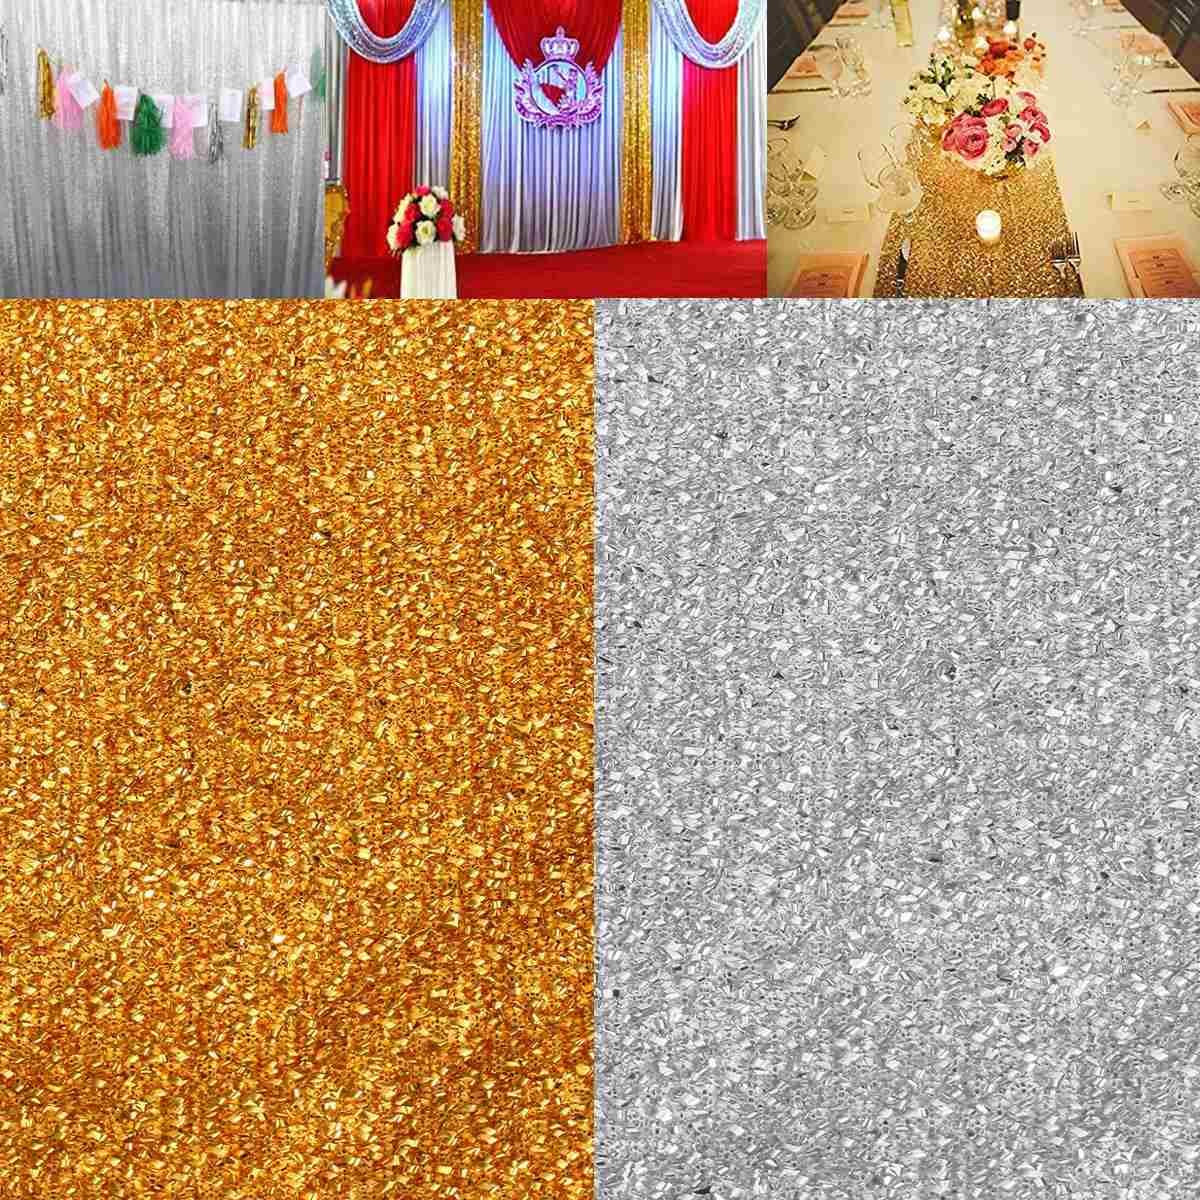 Paillettes scintillantes paillettes tissu rideau gaze 600X300 cm mariage fête d'anniversaire événements bricolage décoration photographie décors